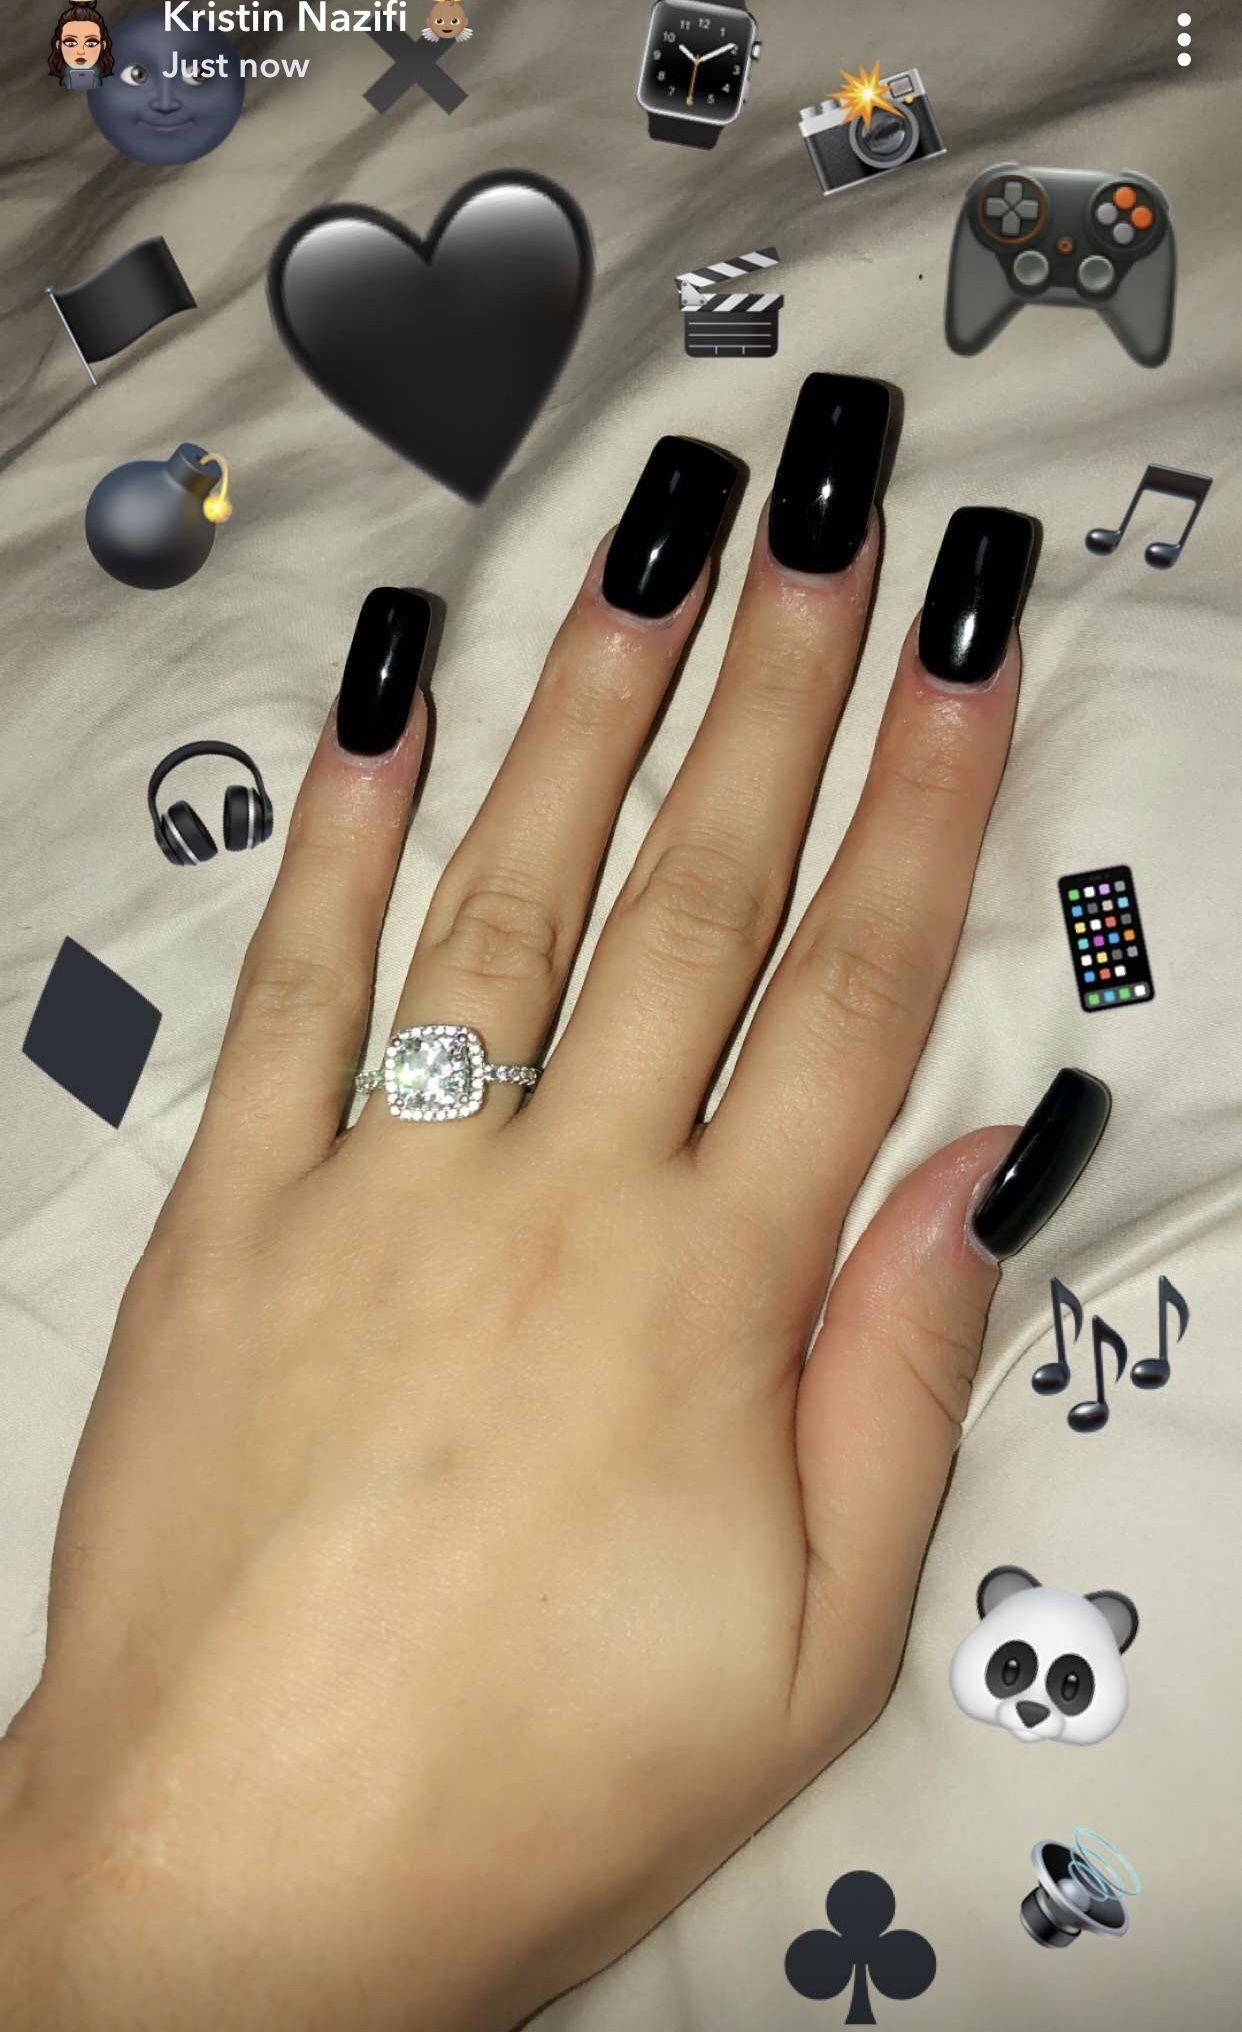 Acrylic Nail Art Gold Ring Finger Howlongdoacrylicnailslast Black Acrylic Nails Square Acrylic Nails Diy Acrylic Nails